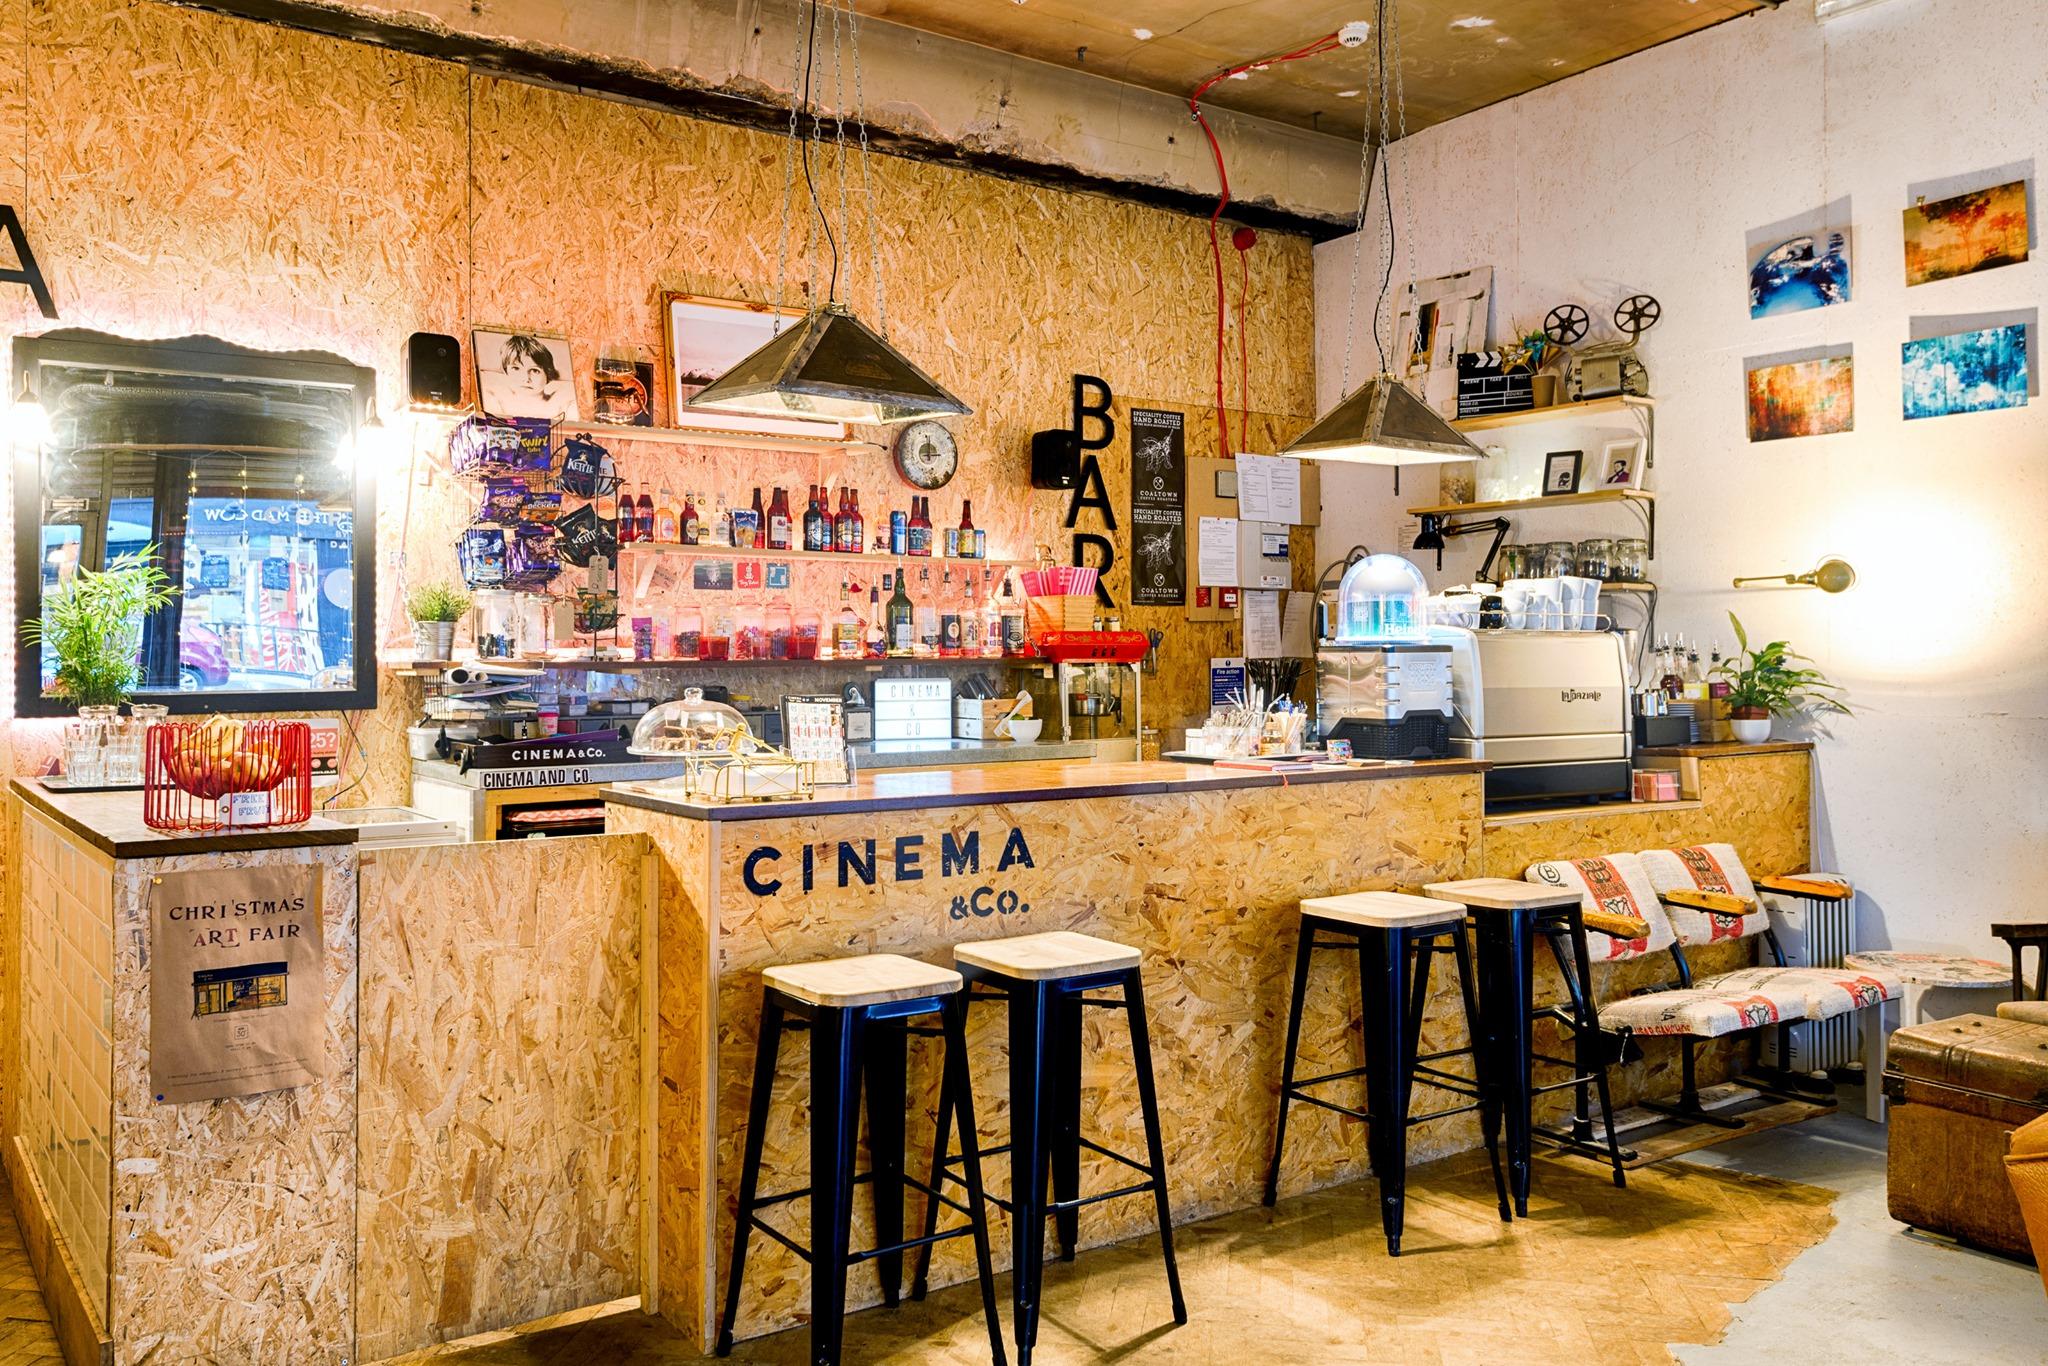 Cinema&Co Bar